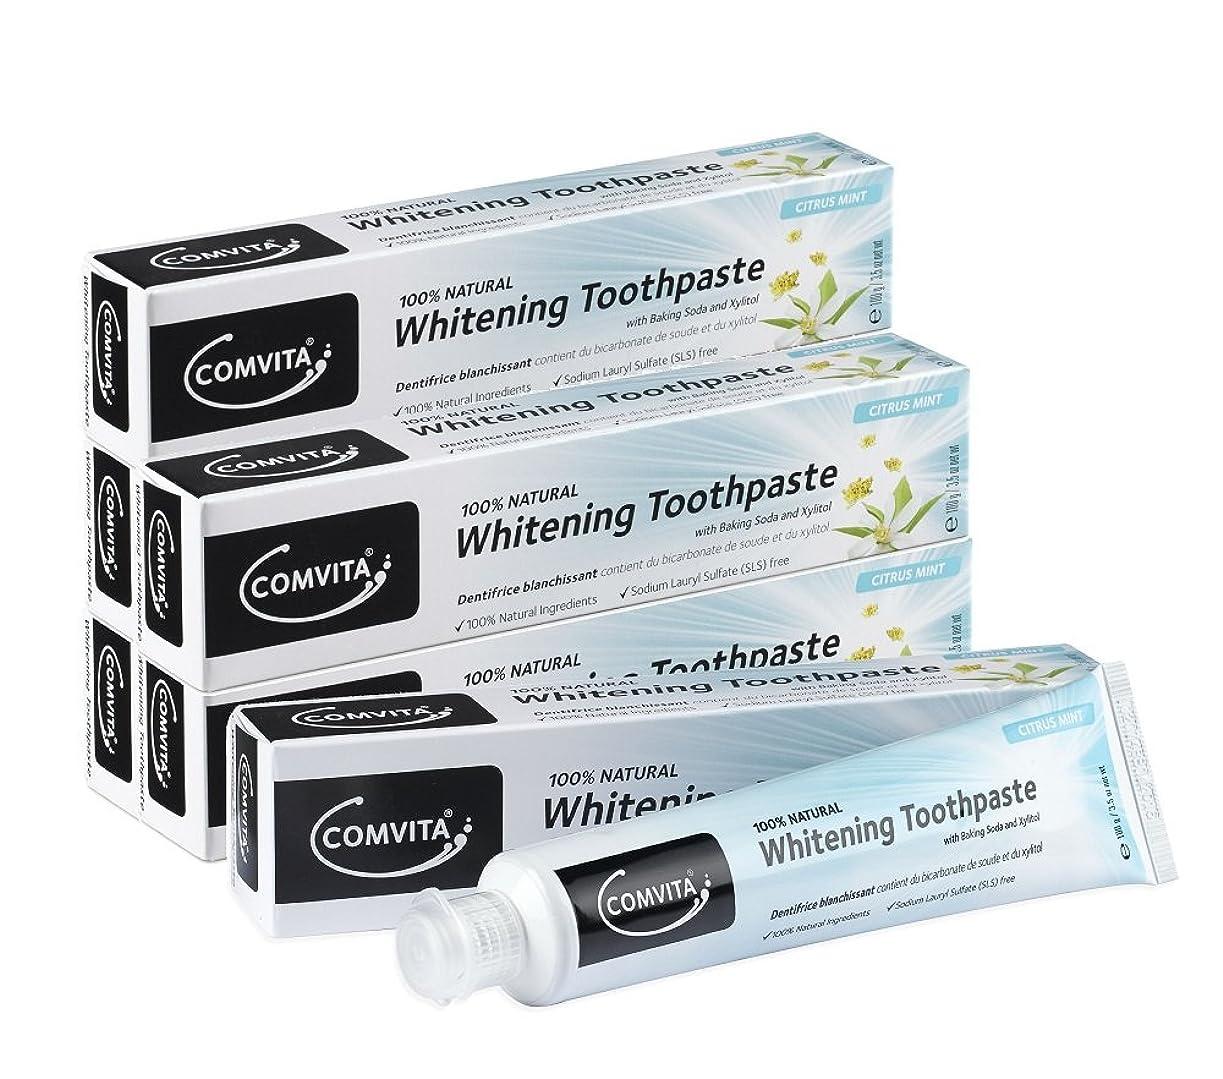 キャンペーンゆりかご困惑するホワイトニング歯磨き コンビタ 100g お得な6本セット whitening toothpaste